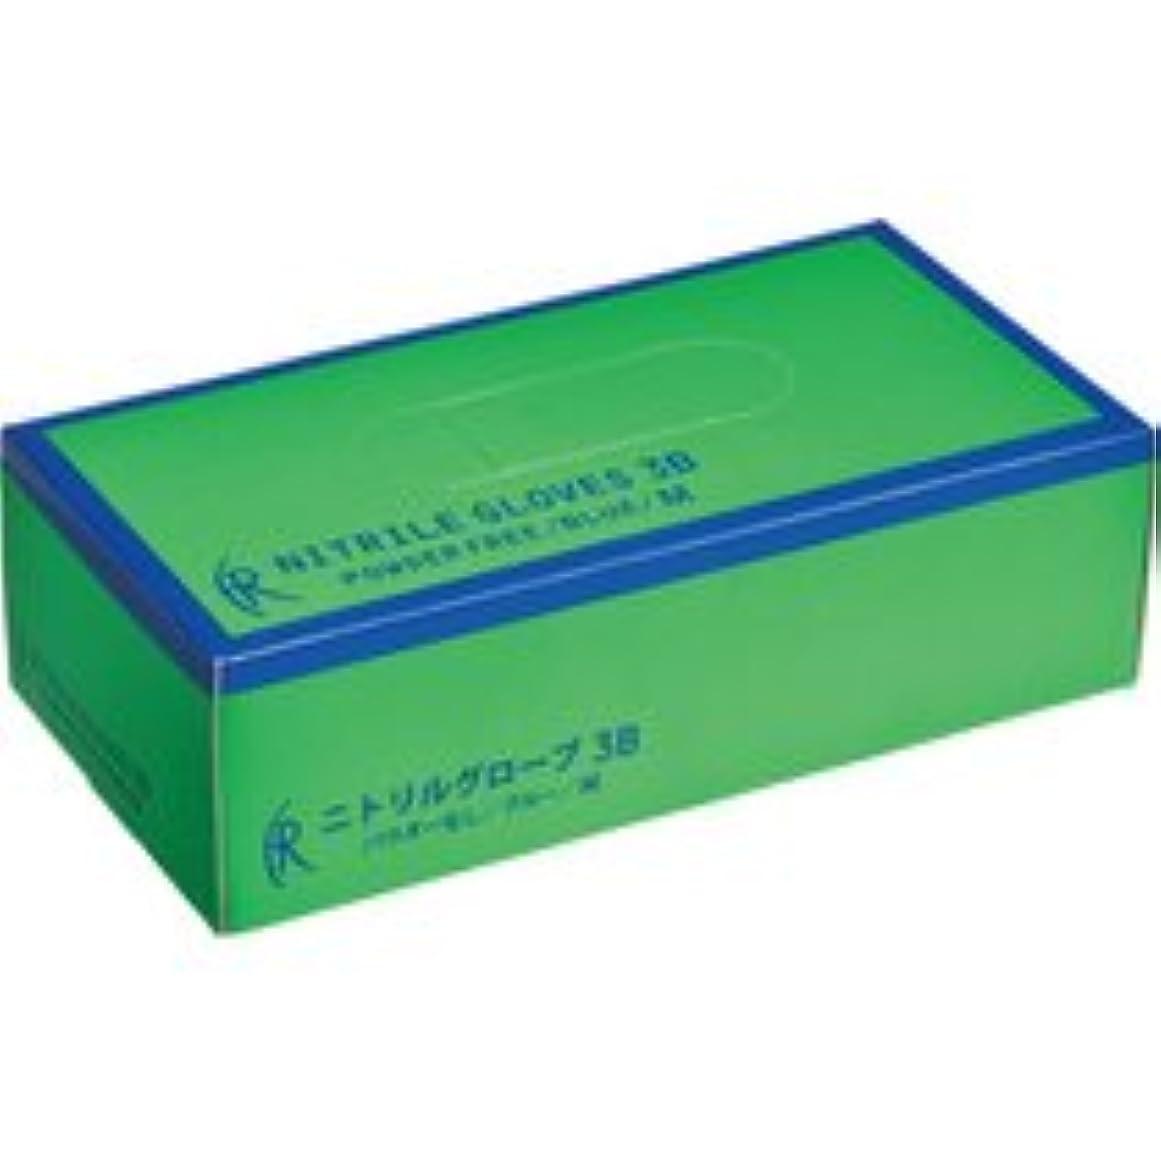 サージ保護露骨なファーストレイト ニトリルグローブ3B パウダーフリー M FR-5662 1セット(2000枚:200枚×10箱)